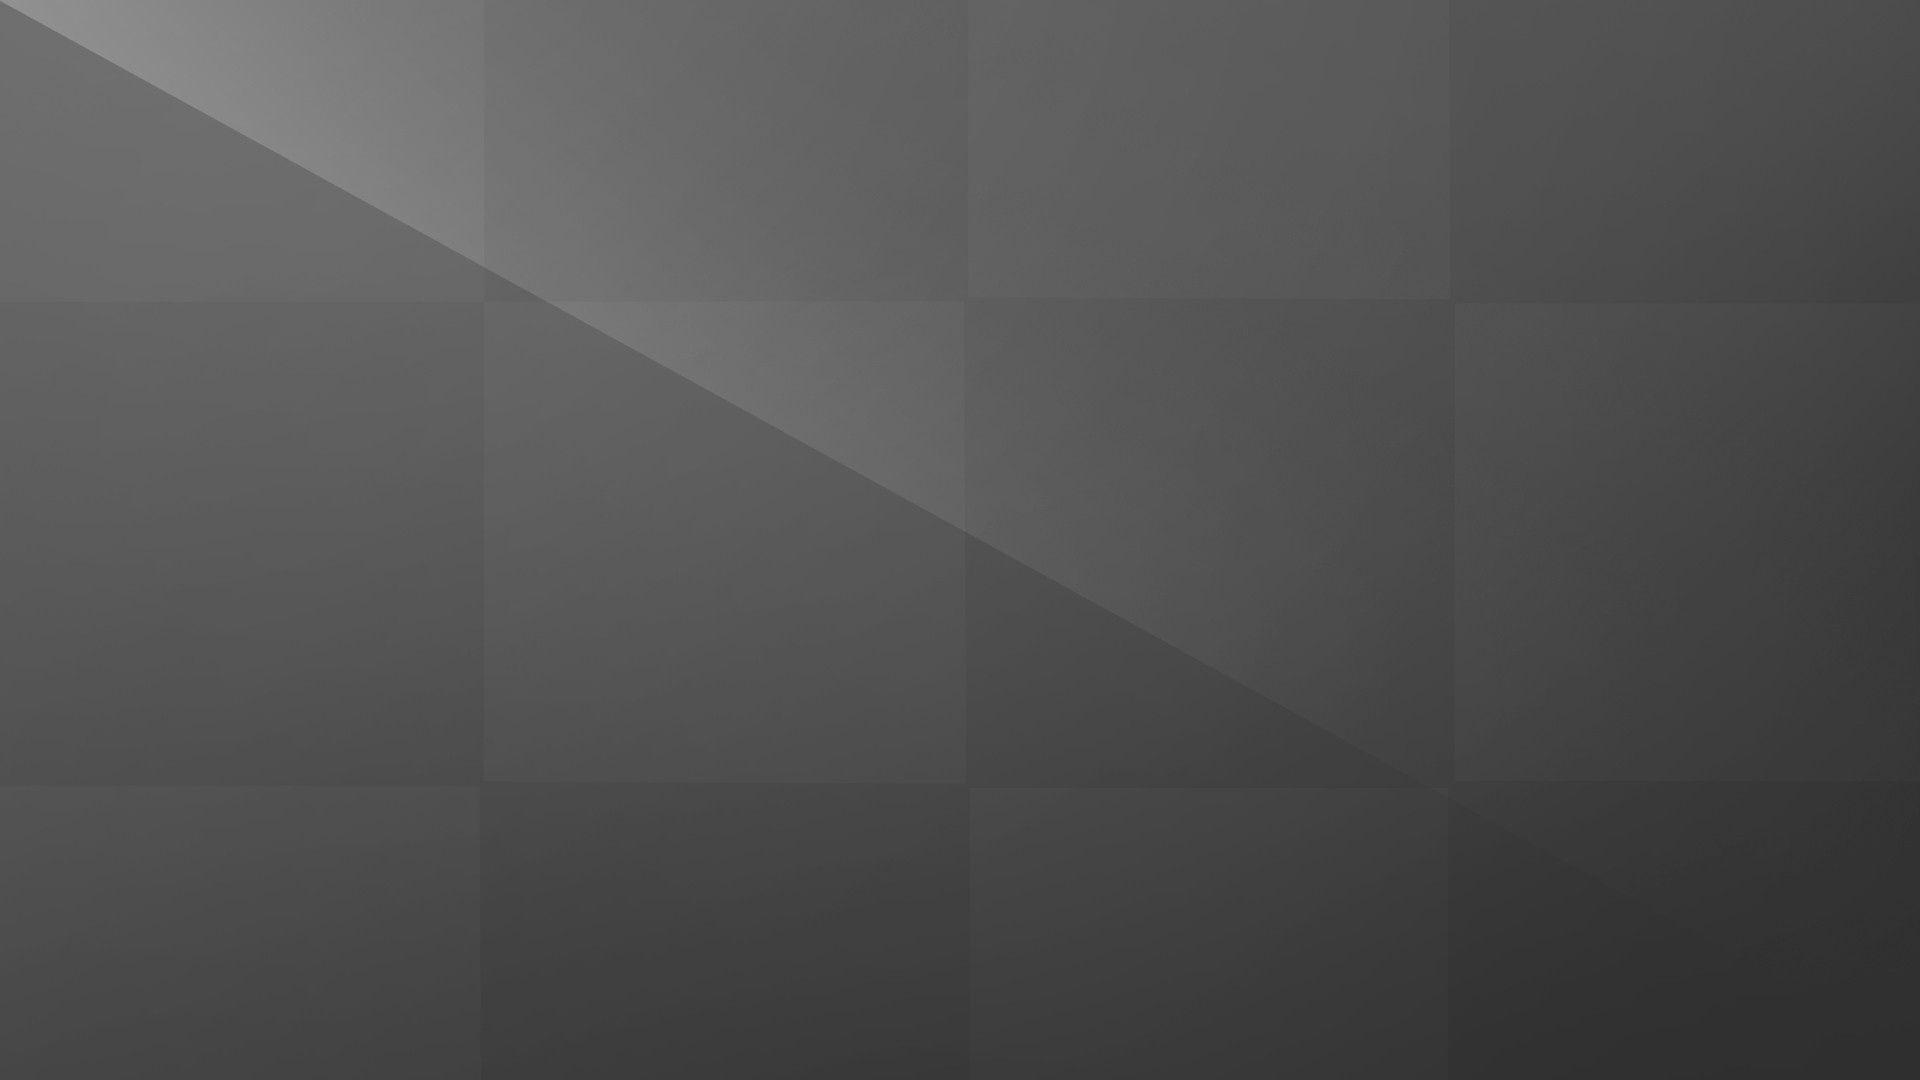 81466 завантажити шпалери Абстракція, Фон, Лінії, Клітини, Суцільний - заставки і картинки безкоштовно